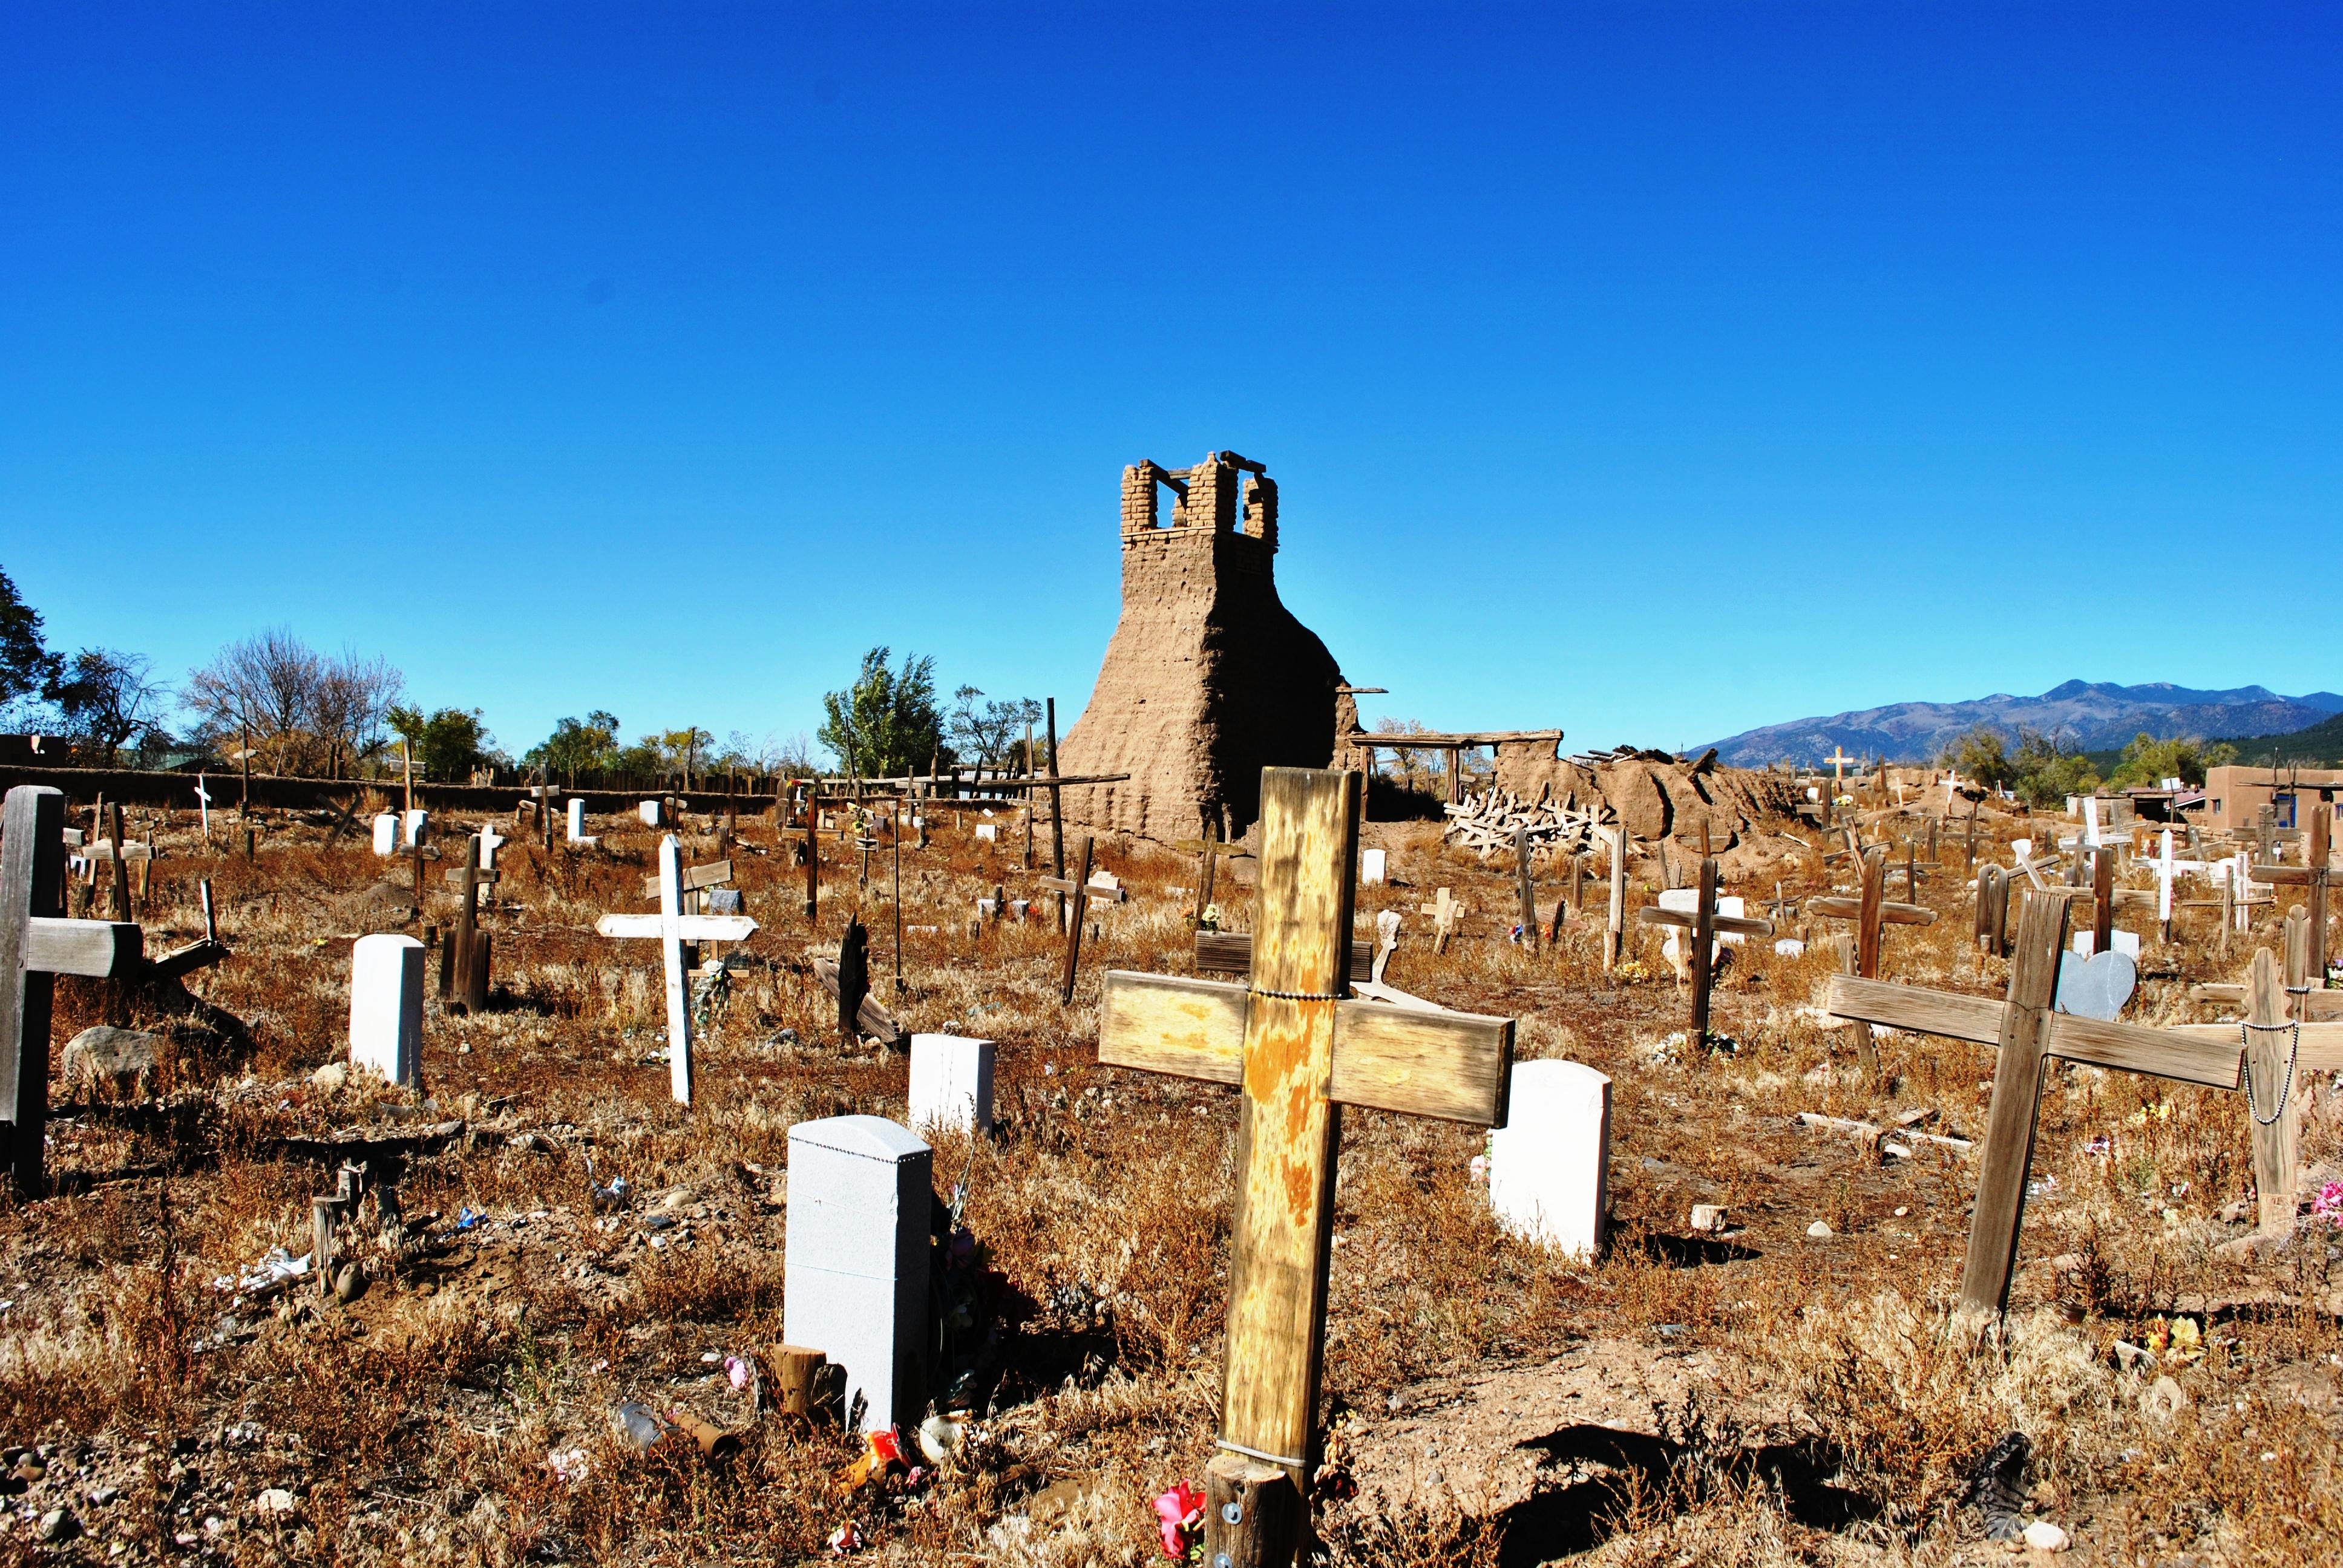 Taos New Mexico pueblo | Travel new mexico, Taos, New ...  |Taos Pueblo New Mexico Usa